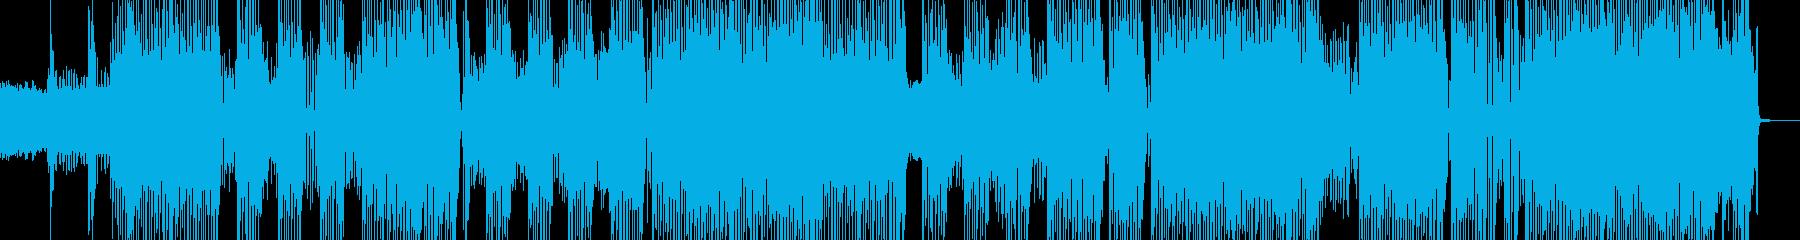 軽快ロック・フレンドリー作品に! 長尺の再生済みの波形